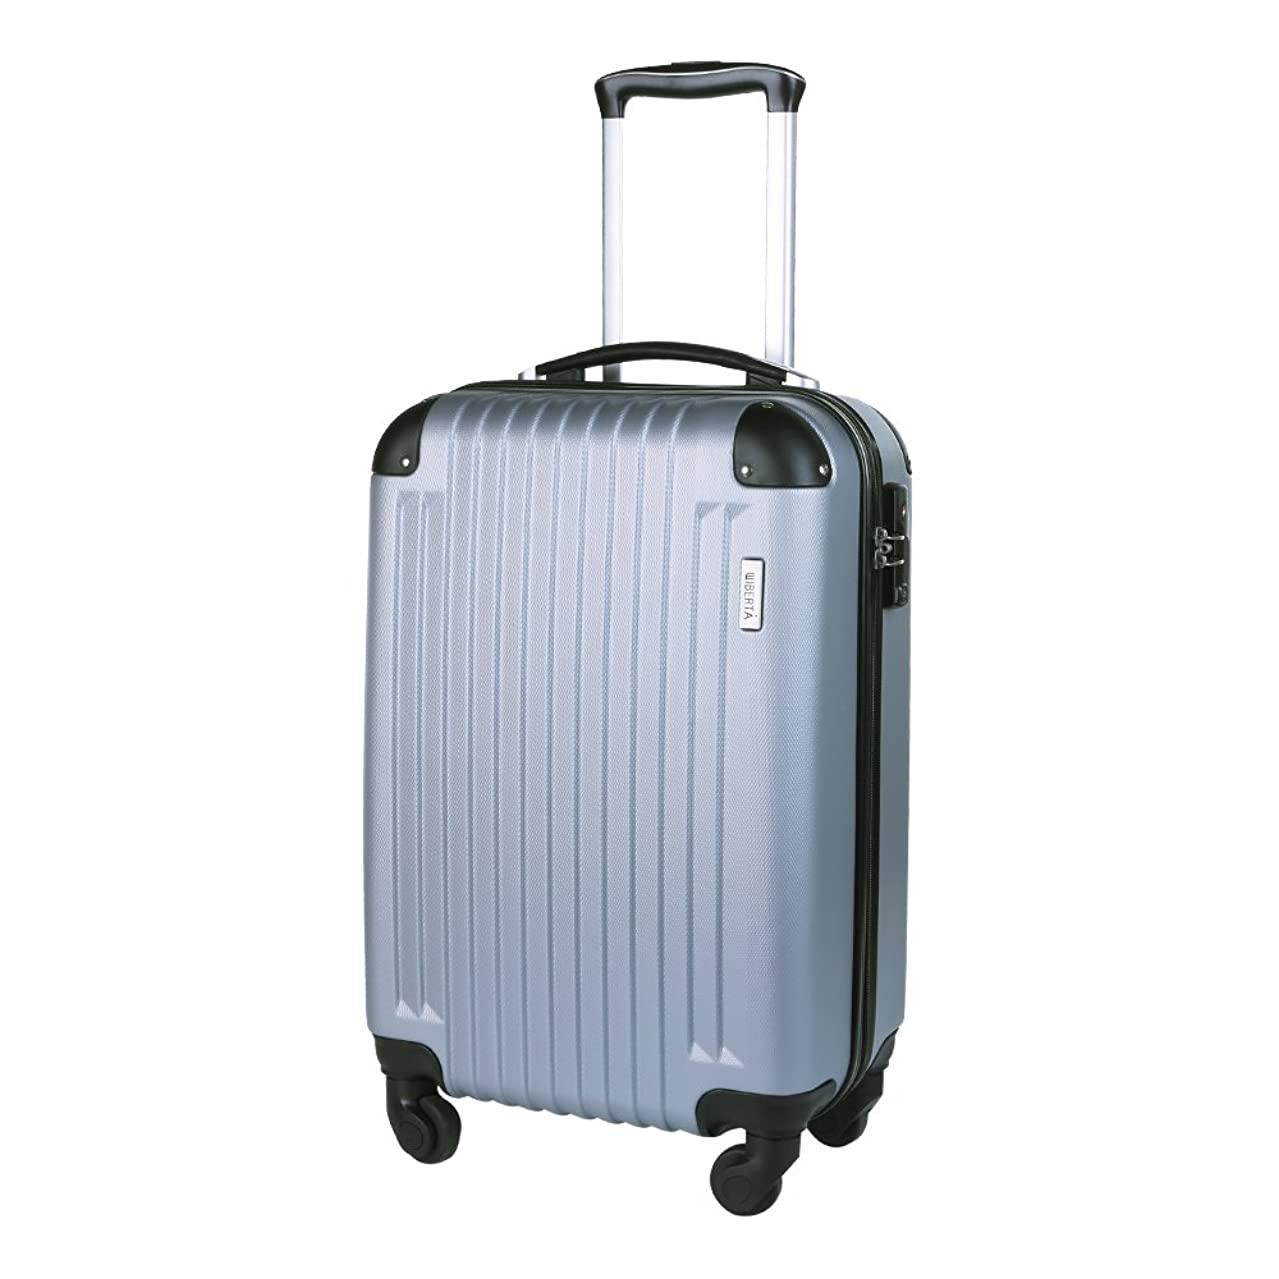 扱いやすいと遊ぶオーケストラ[グリフィンランド]_Griffinland TSAロック搭載 スーツケース おしゃれ 超軽量 かわいい トランクケース ショコラ 【アンティーク調】